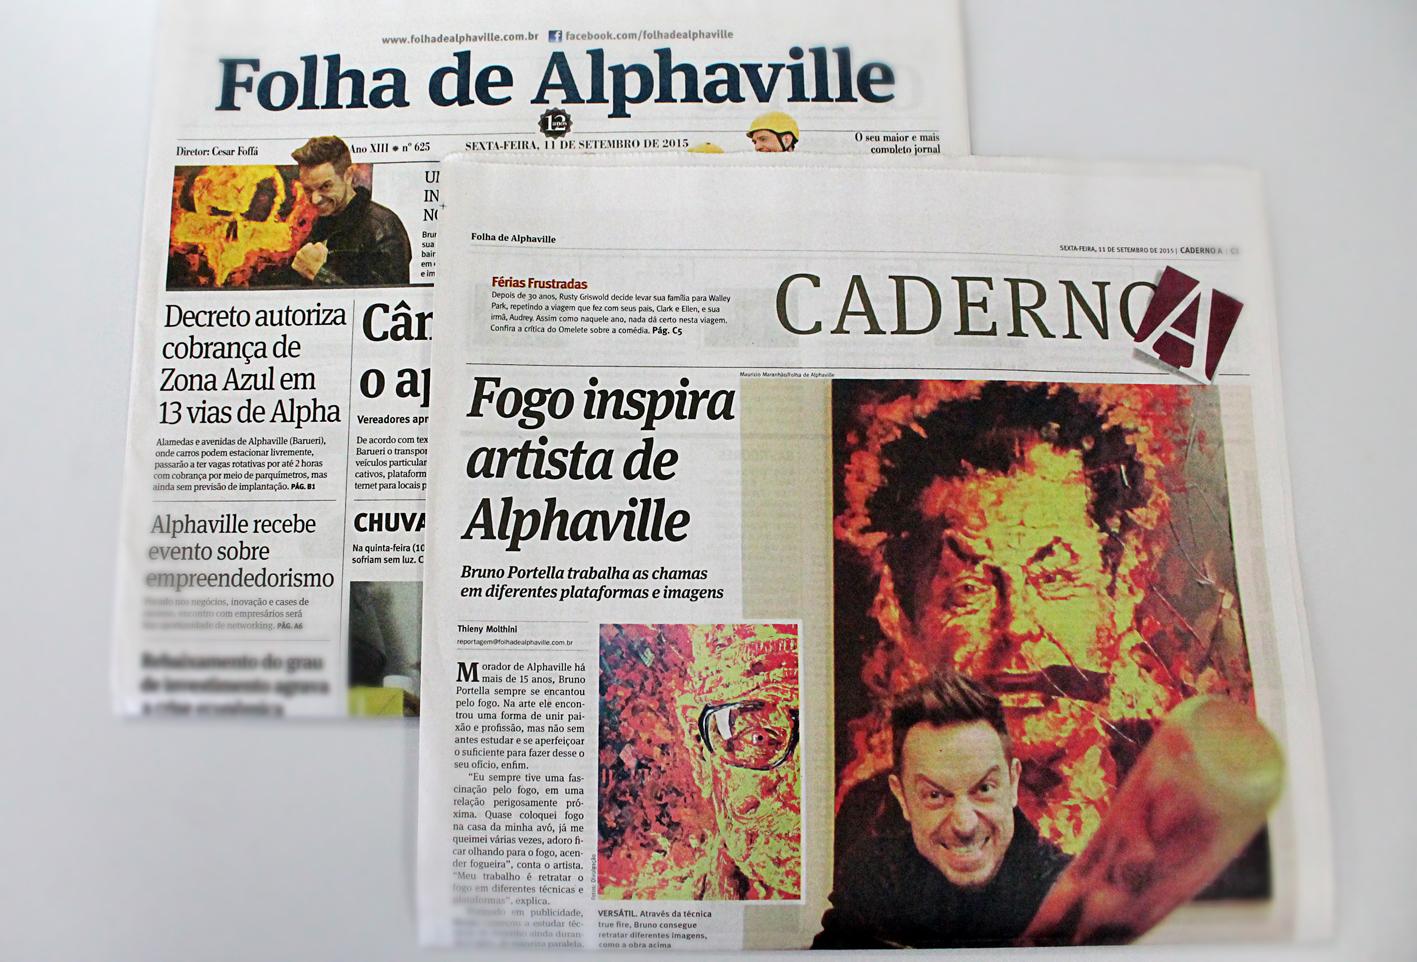 Capa_Caderno_Folha_de Alphaville3